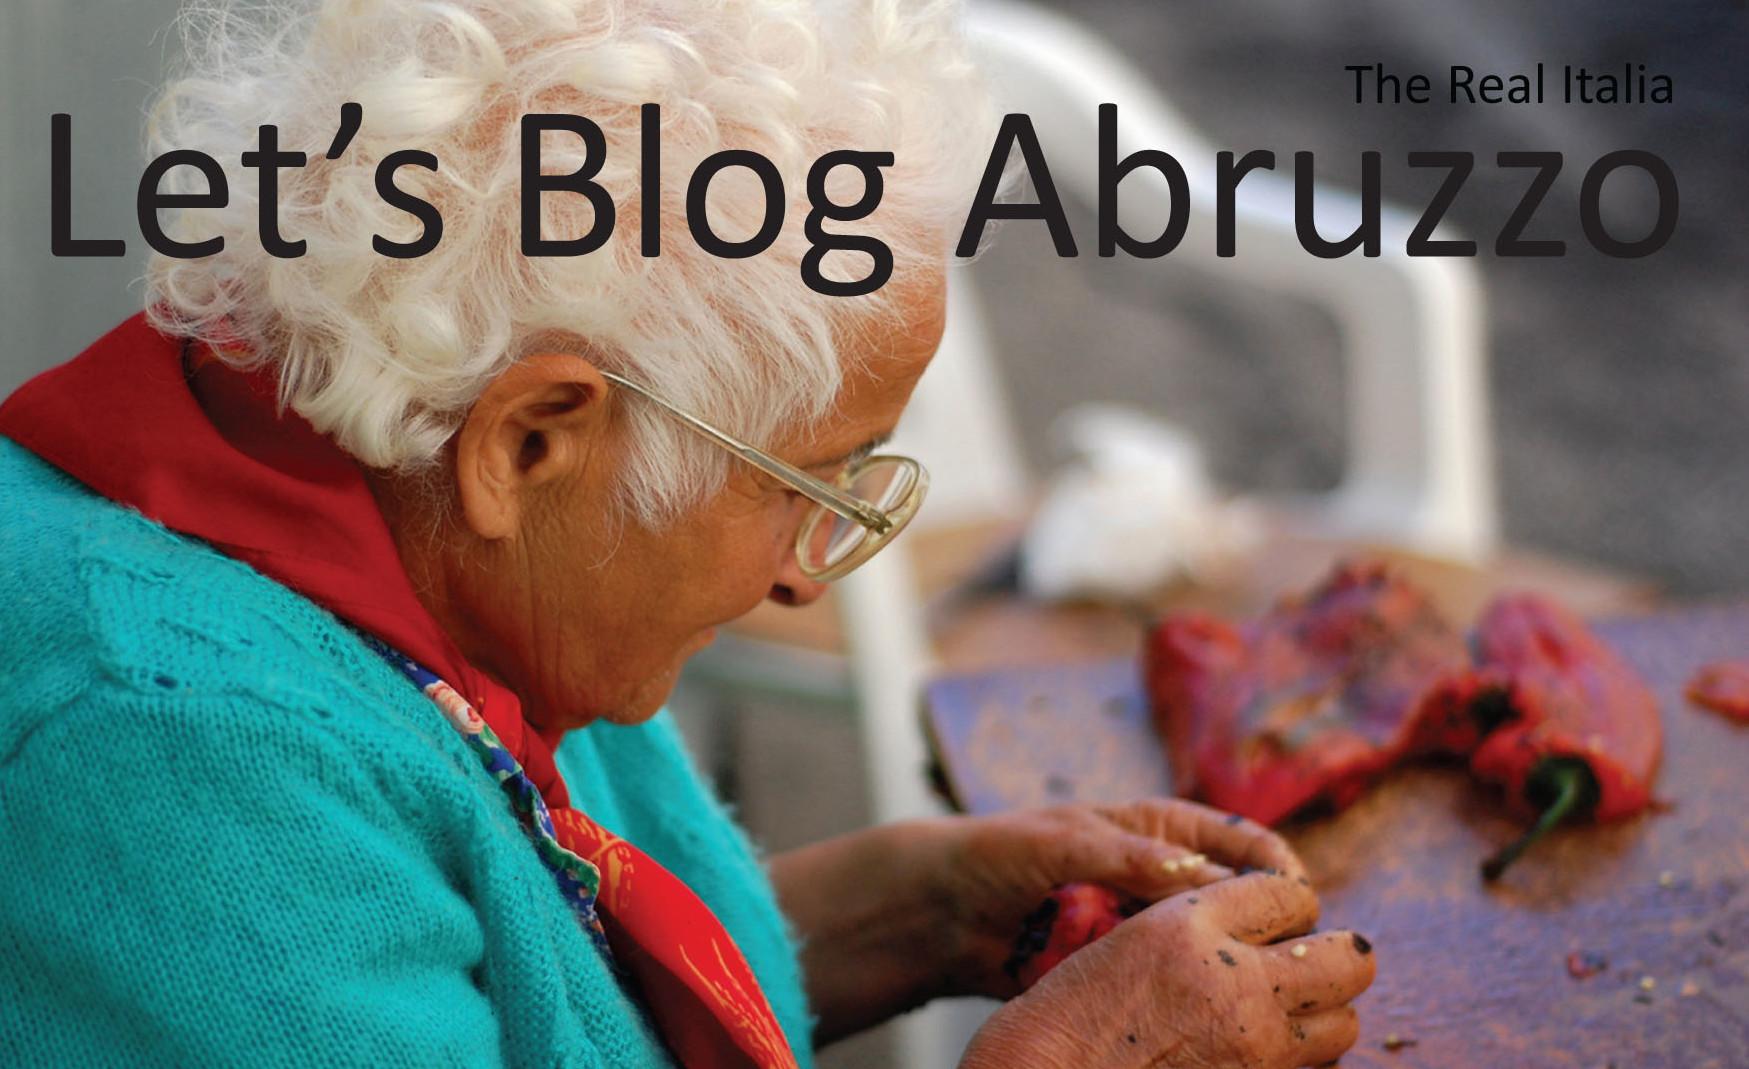 real-itali-lets-blog-abruzzo